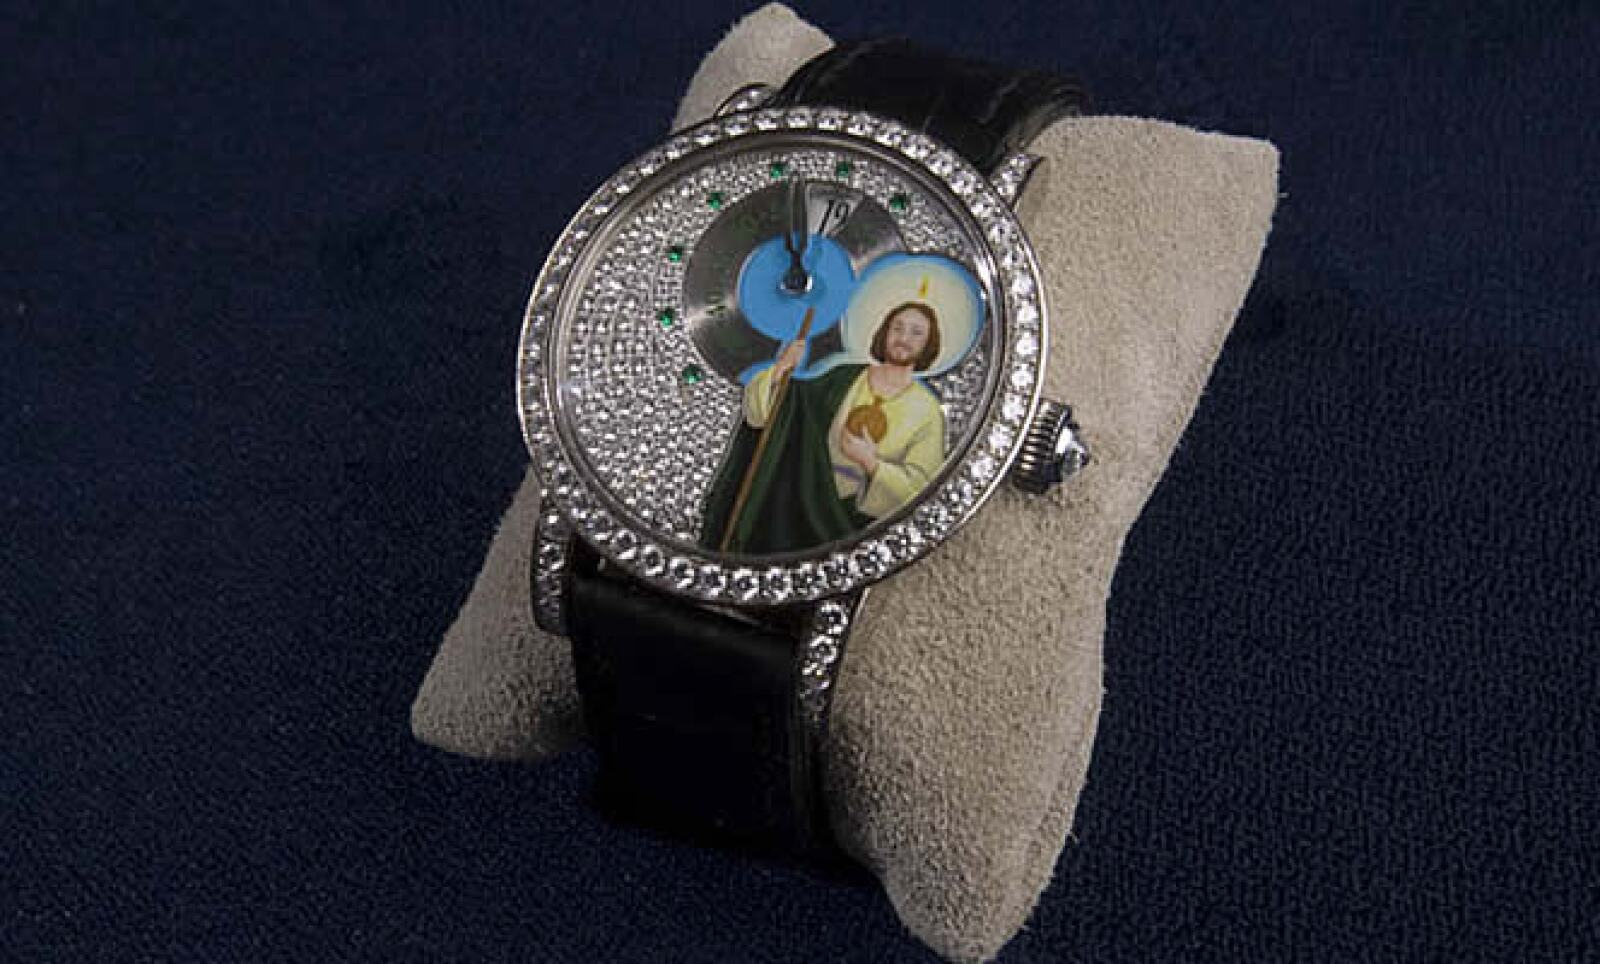 Este reloj muestra la imagen de San Judas Tadeo, un santo muy venerado en México. También hay uno con la Santa Muerte, que se llama Happy Ghost.